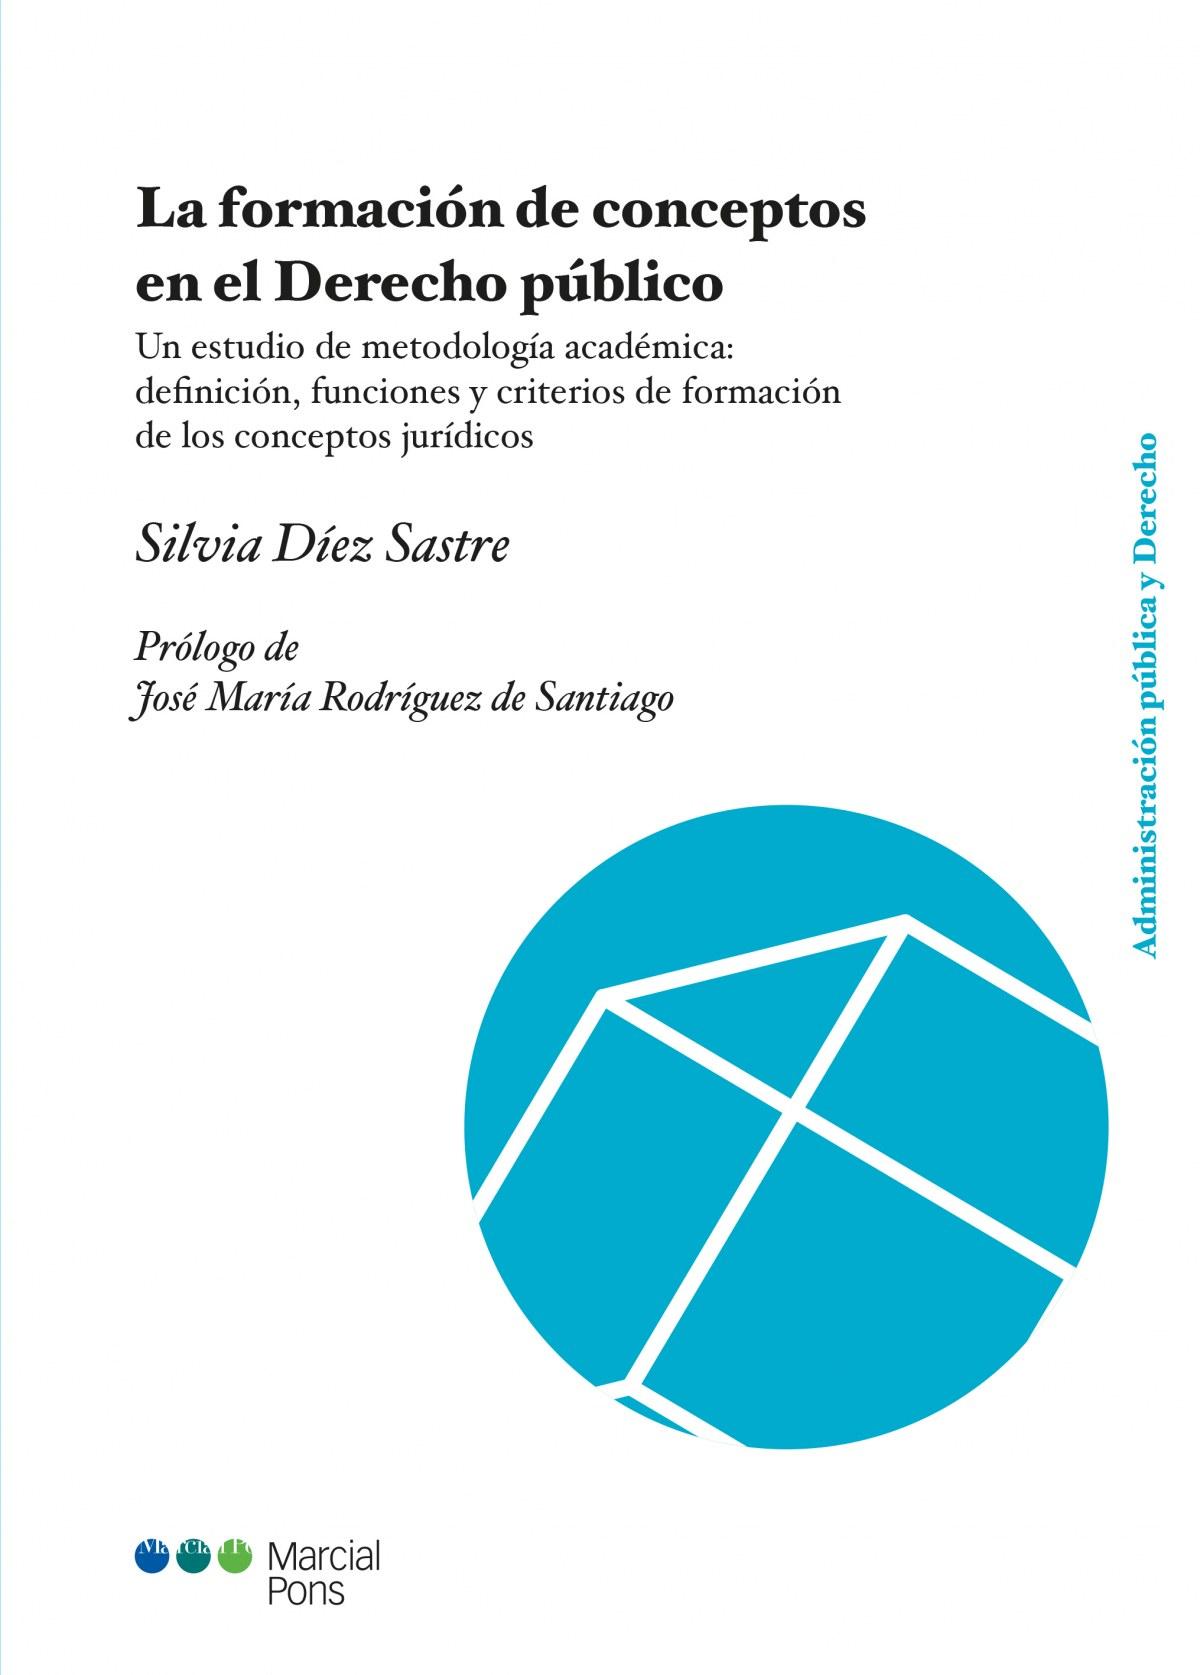 La formación de conceptos en el Derecho público